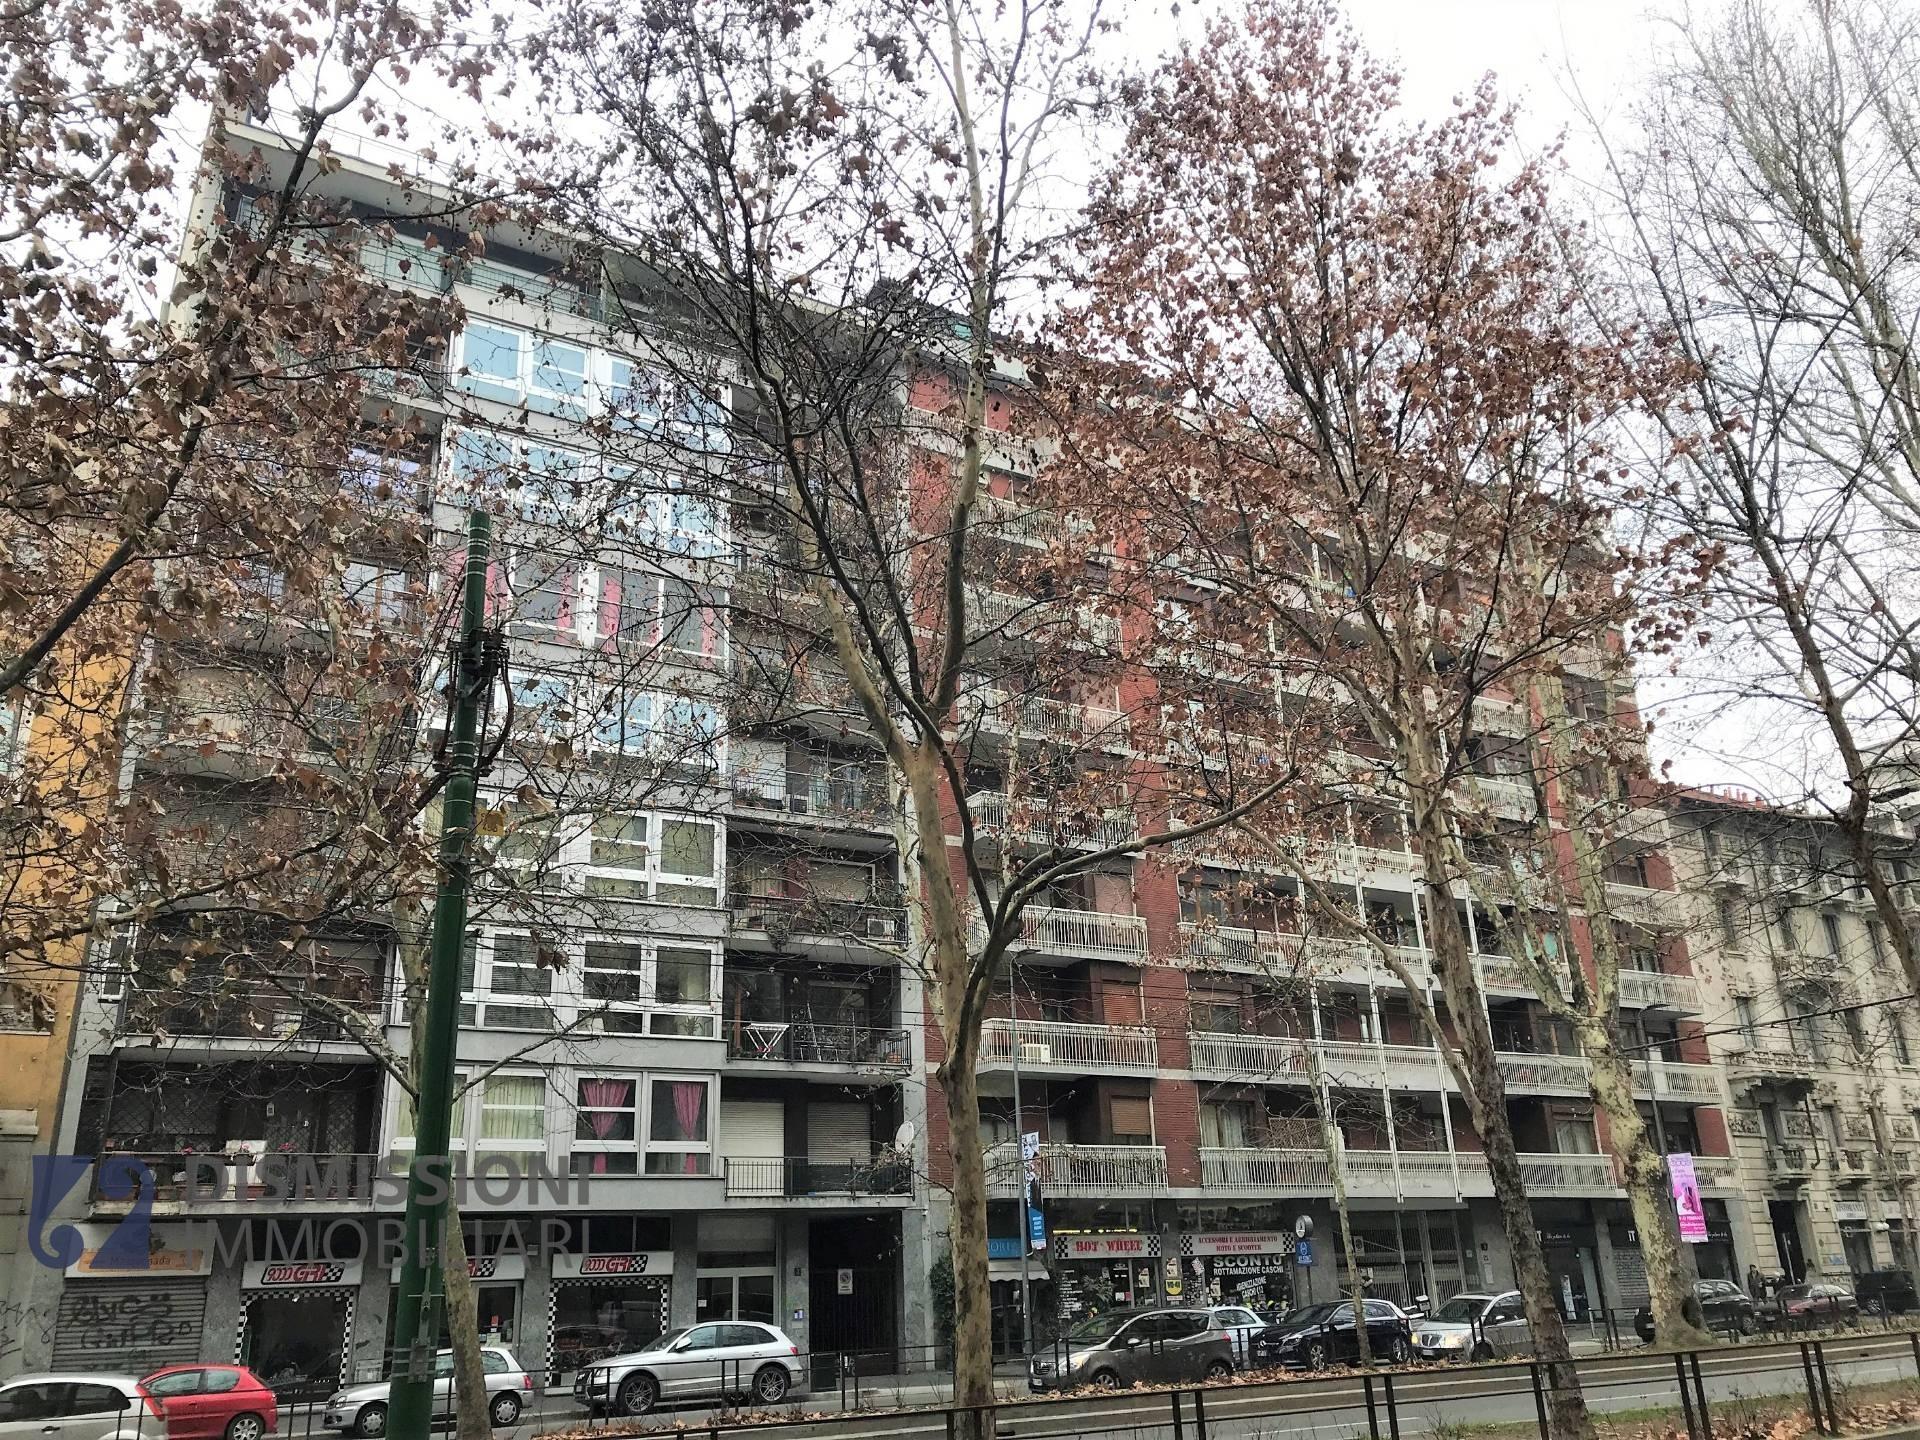 vendita appartamento milano xxii marzo  490000 euro  8 locali  140 mq